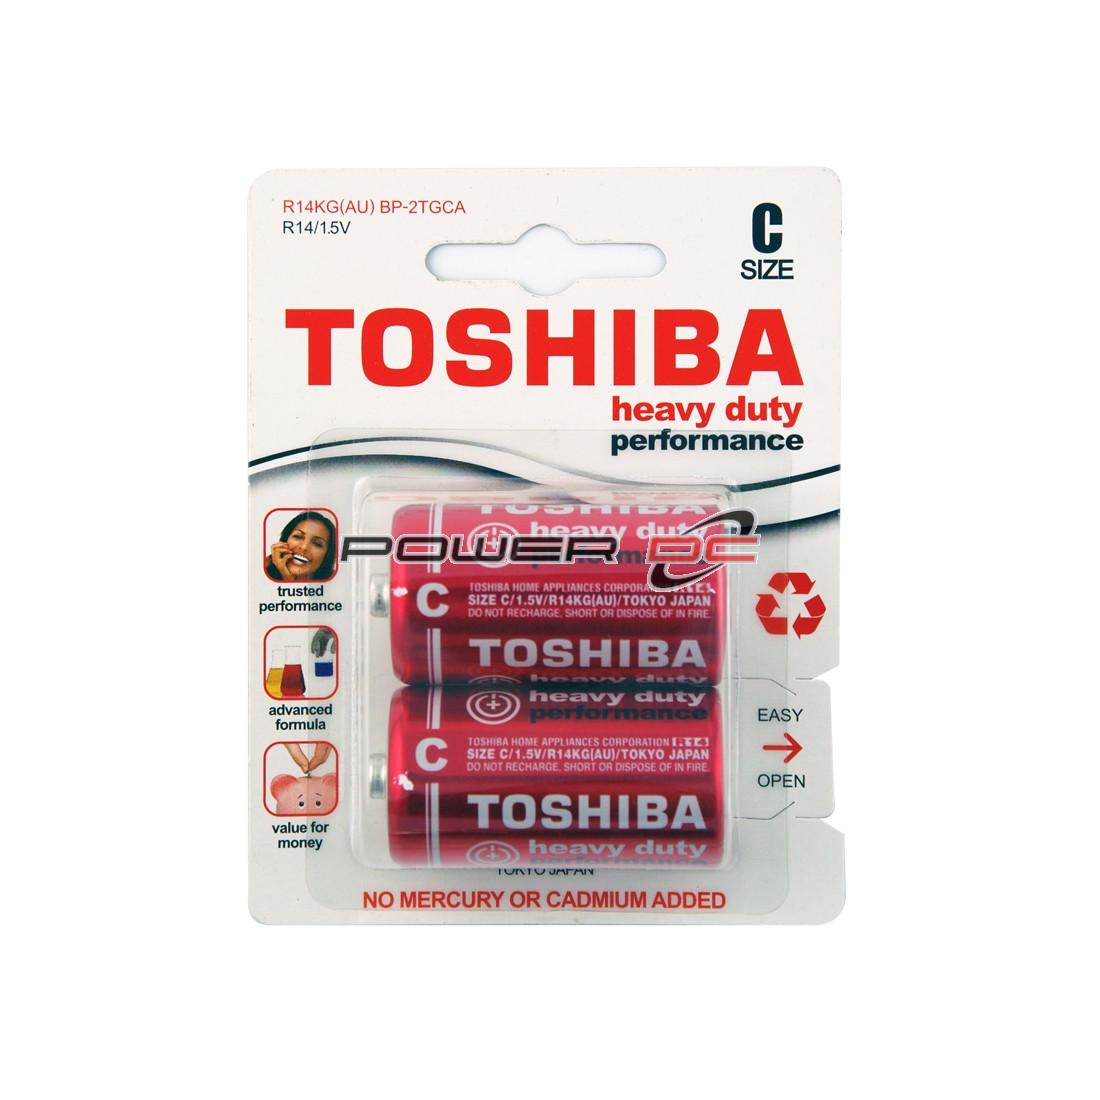 TOSHIBA HEAVY DUTY C 2PK